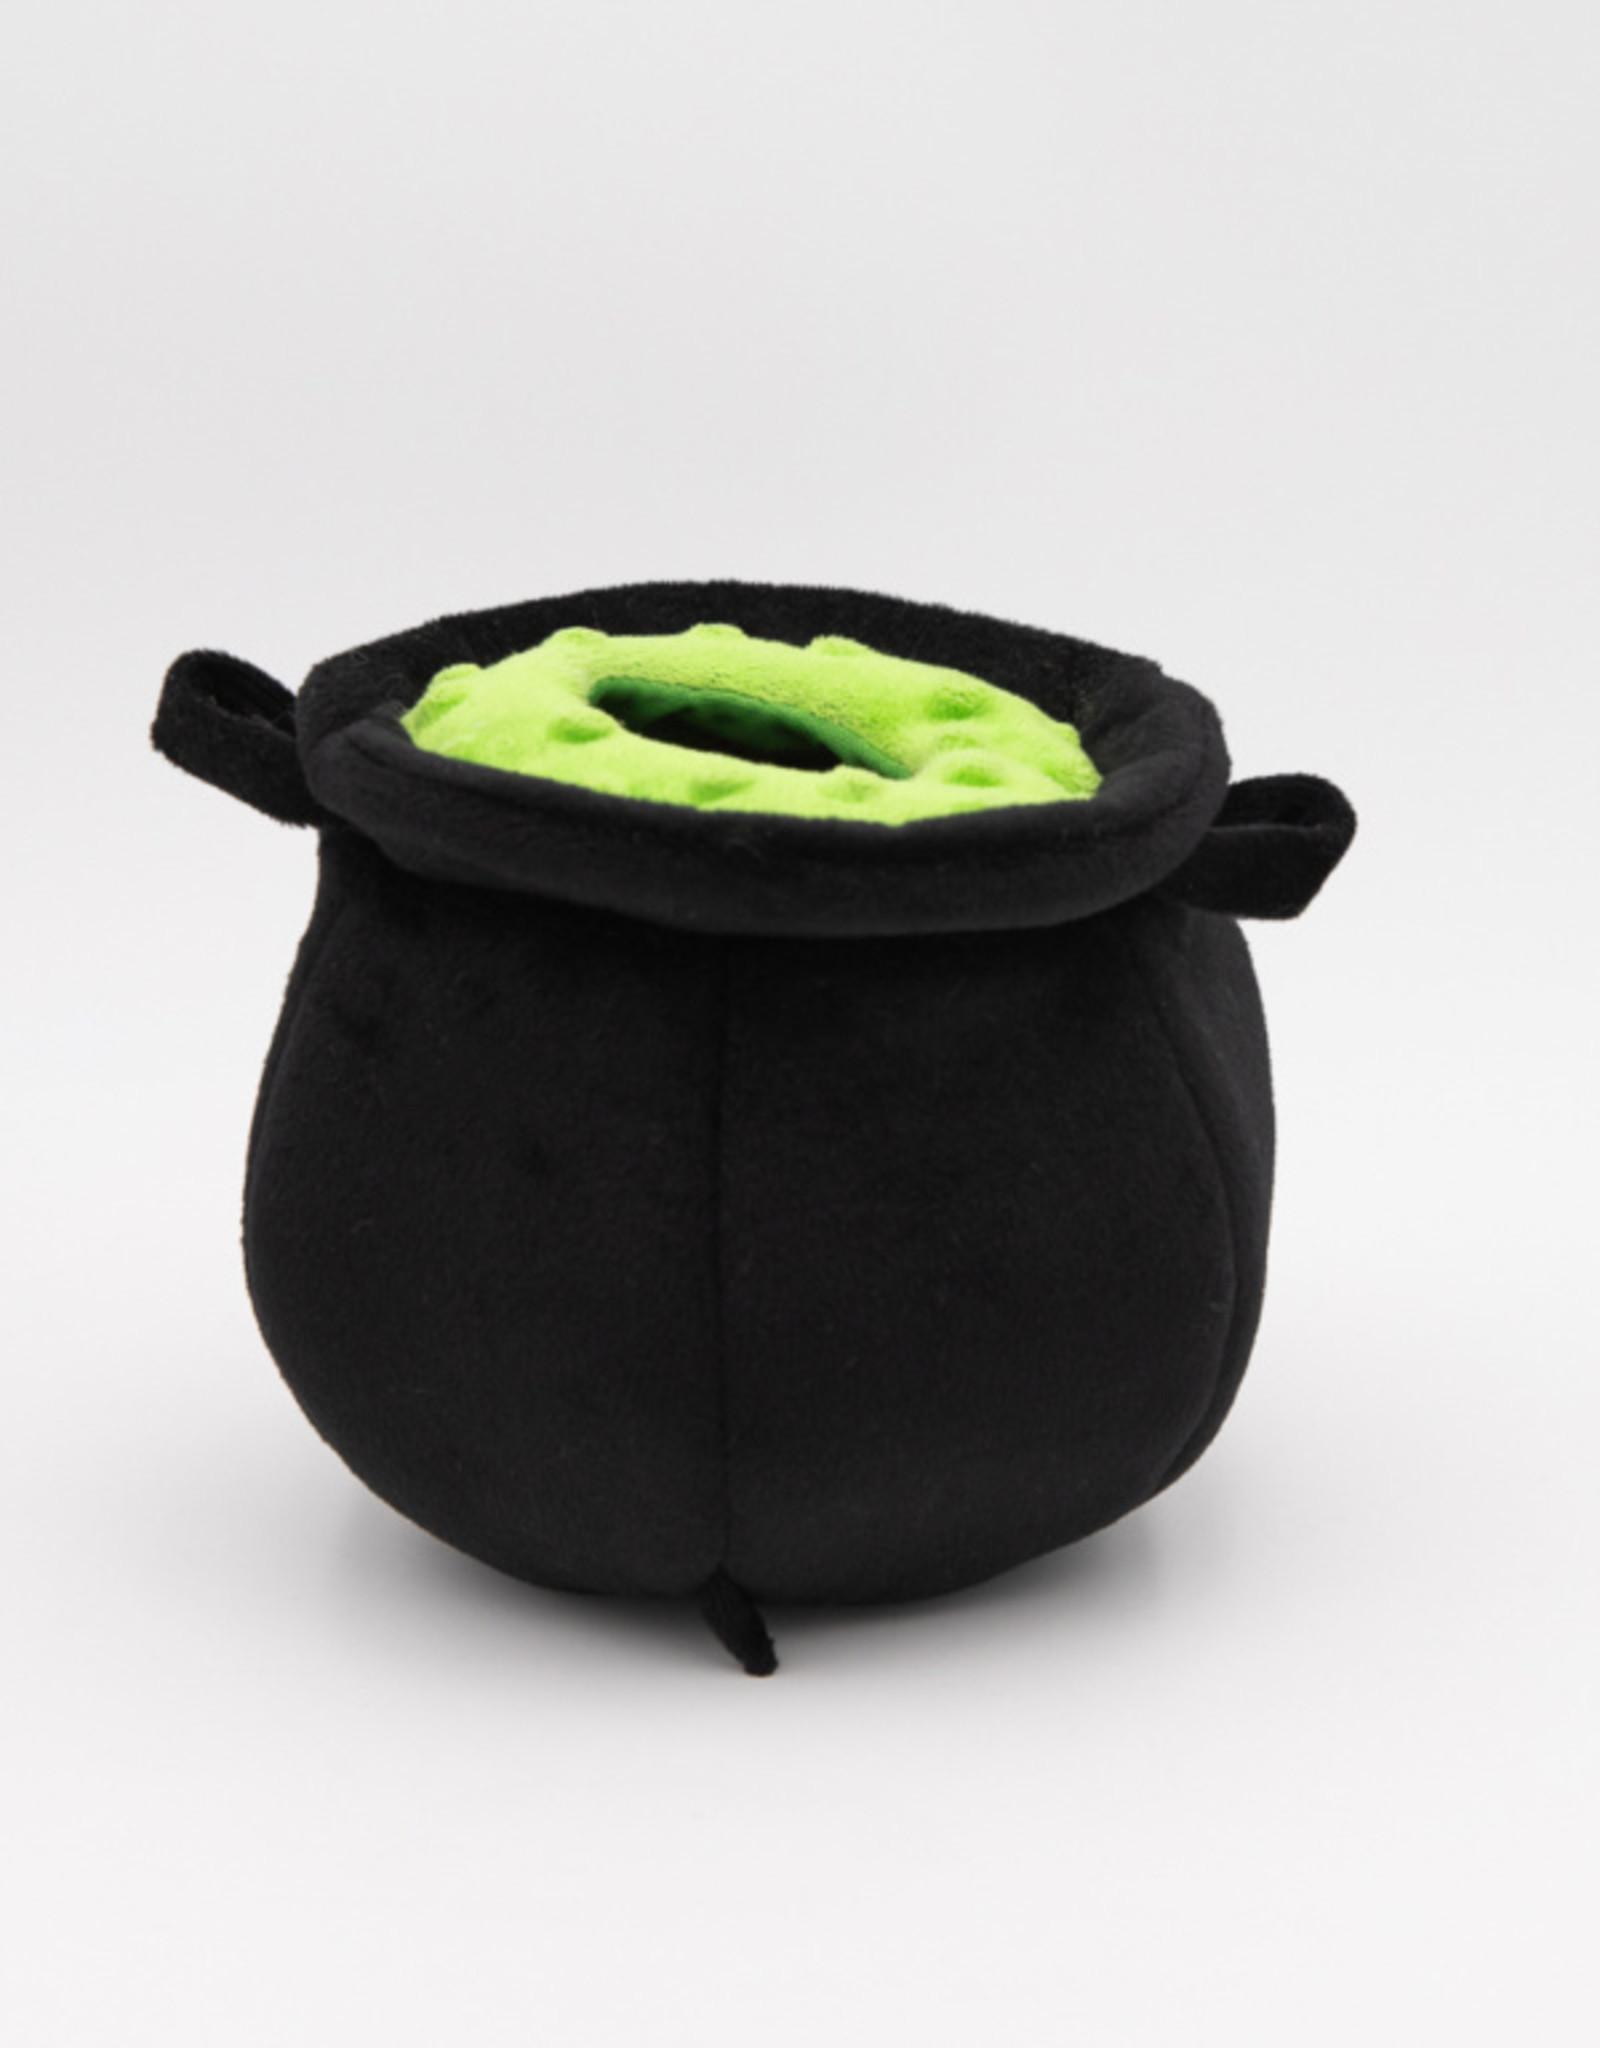 ZippyPaws ZippyPaws Halloween Burrow - Witch's Brew